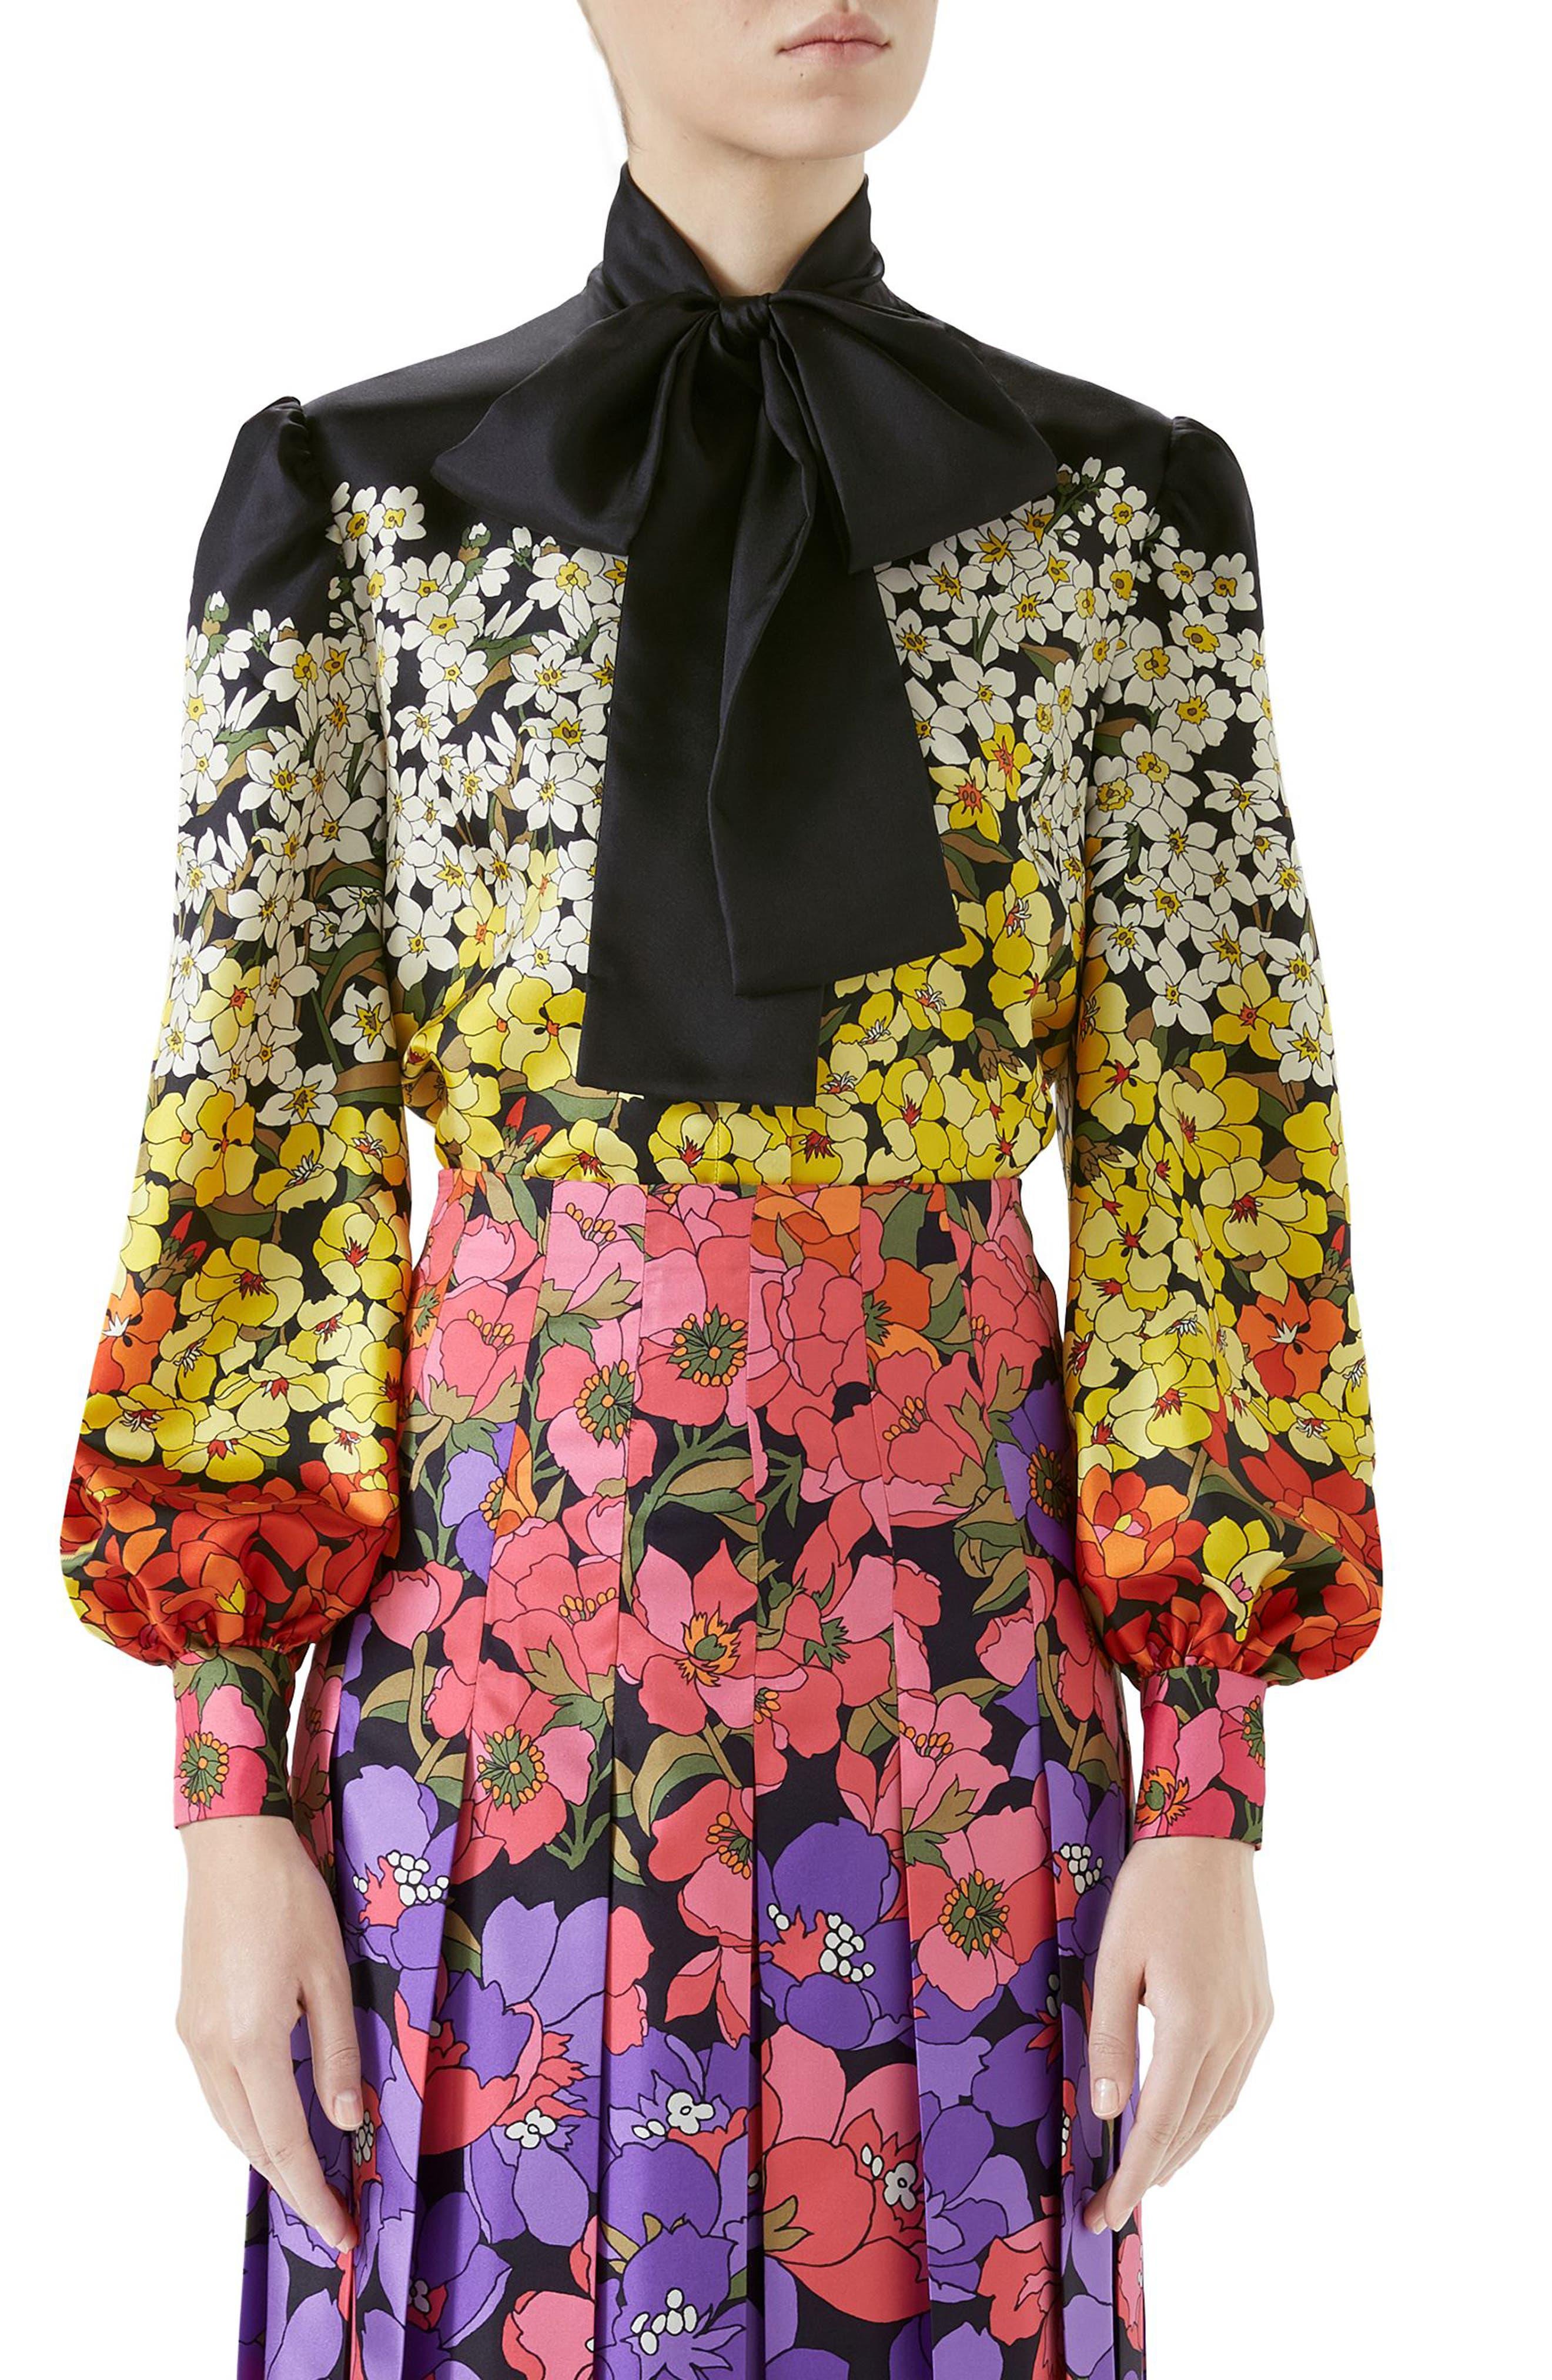 Dégradé Floral Print Silk Tie Neck Blouse,                             Main thumbnail 1, color,                             Black/ Purple Print